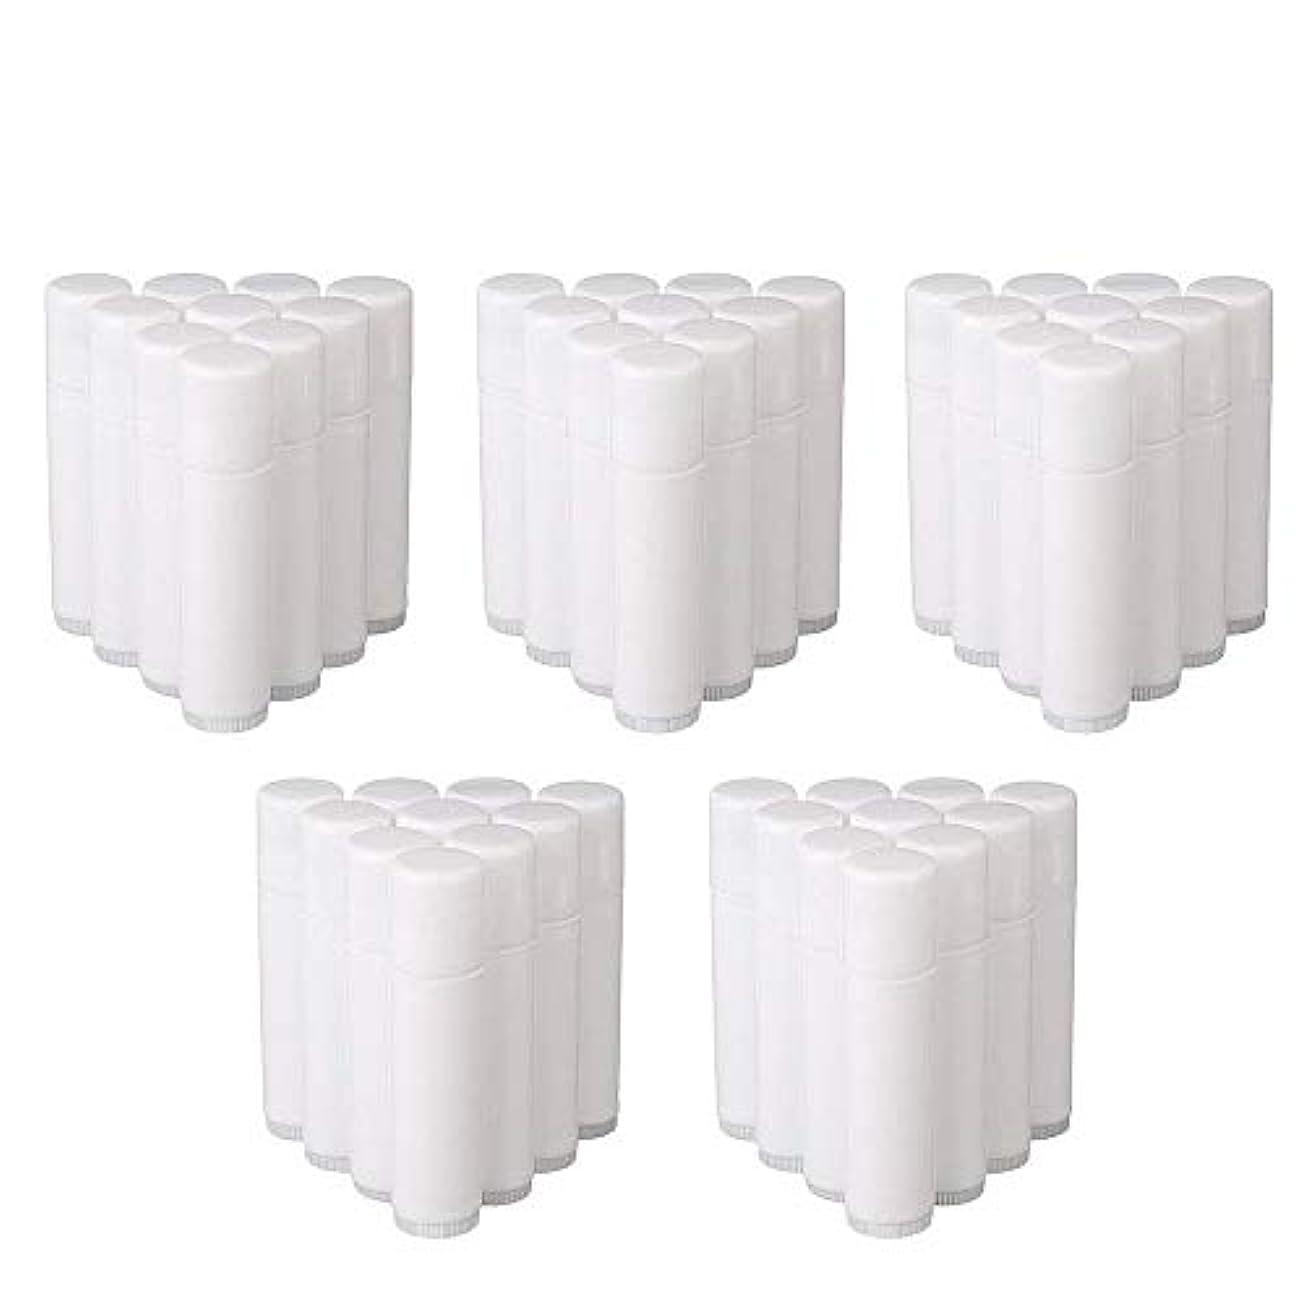 生きている有利前兆COOLBOTANG リップバームチューブ リップクリーム 繰り出し ホワイト 手作りコスメ 手作り化粧品/リップクリーム 50個 5g ミニ 詰め替え容器